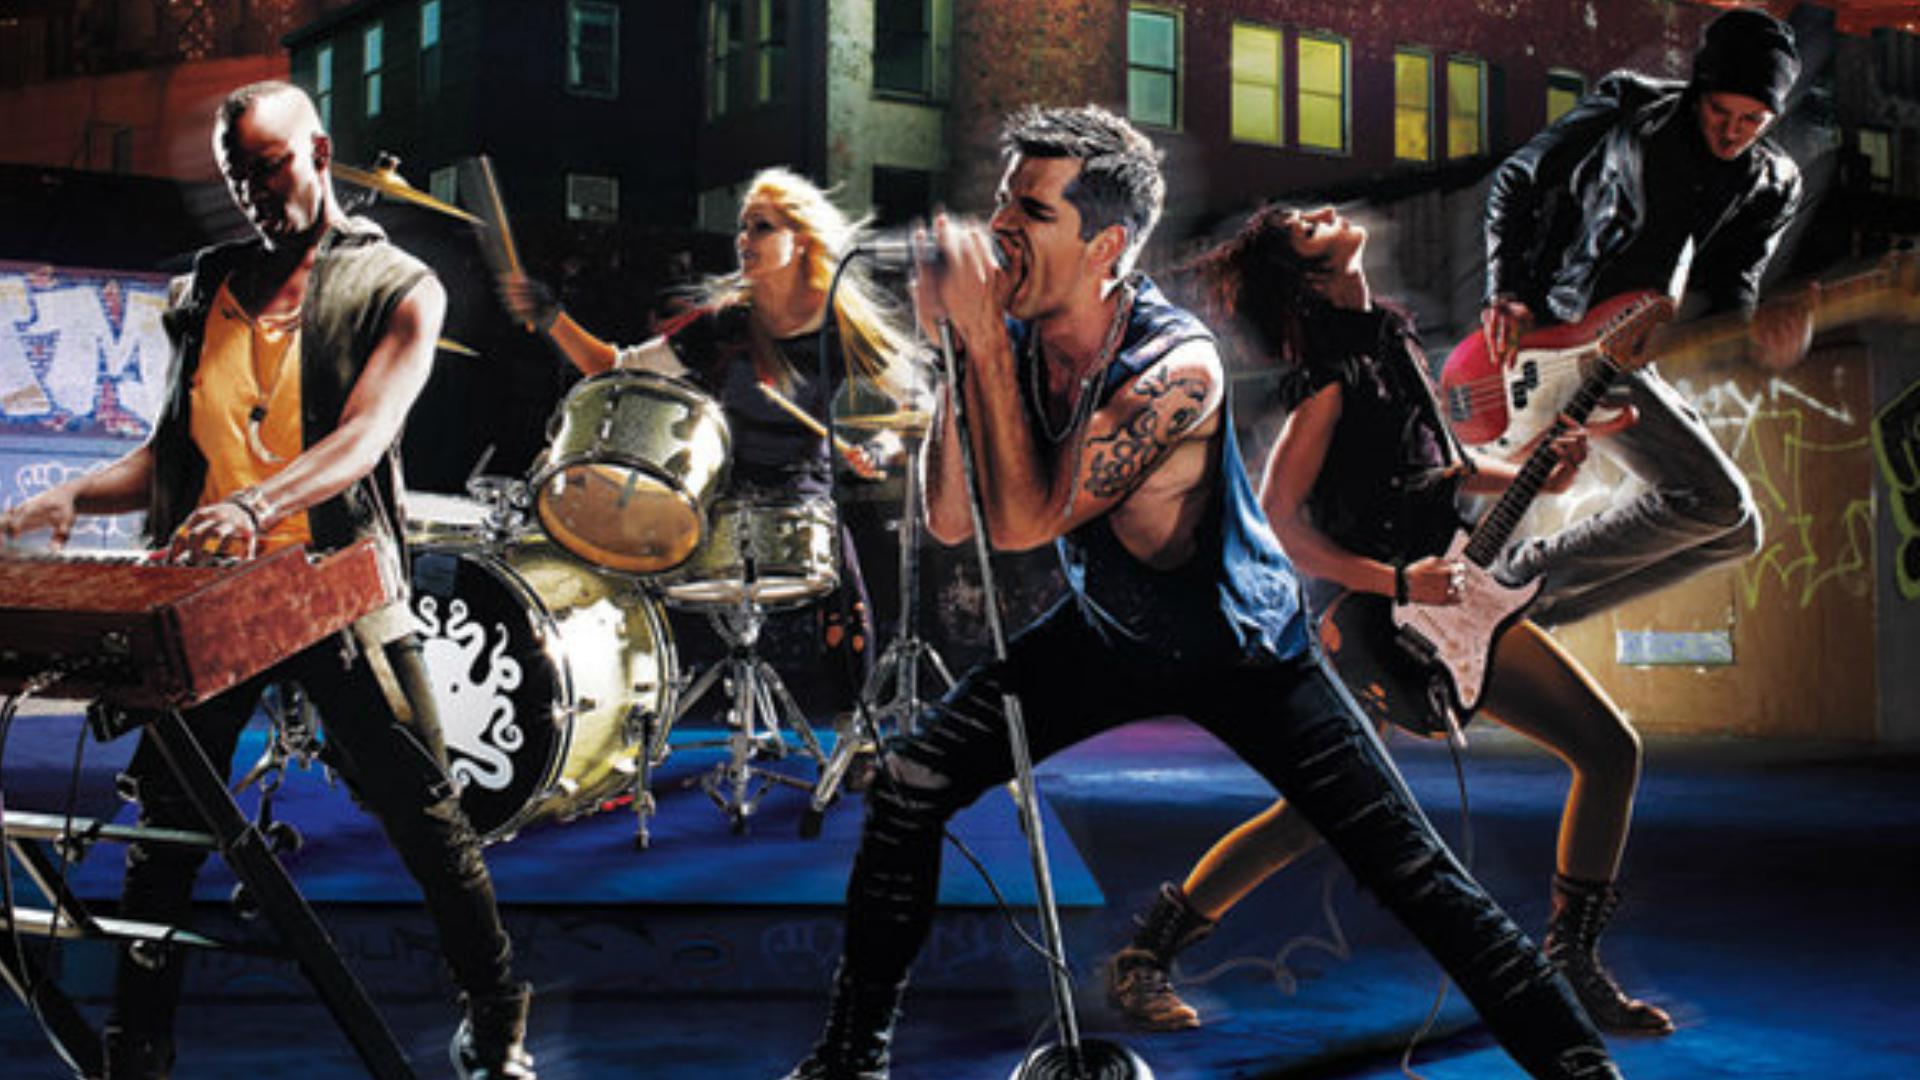 Rockband 3 HD Wallpaper